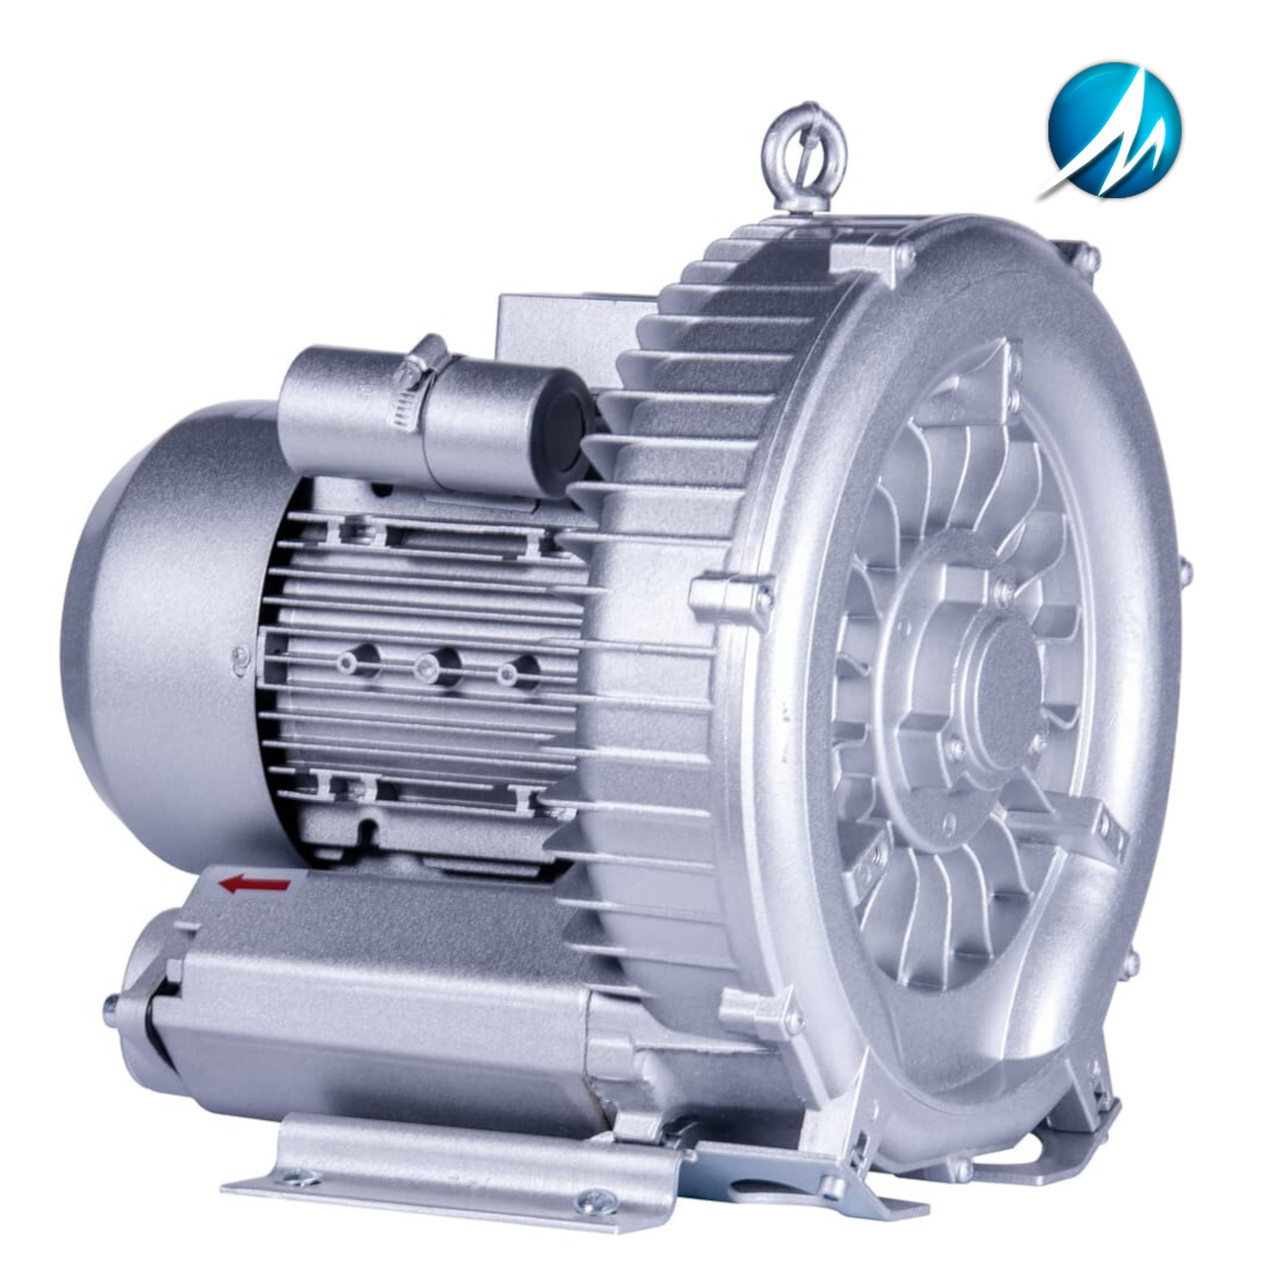 Одноступенчатый компрессор Aquant 2RB-410 (145 м³/ч, 220B)